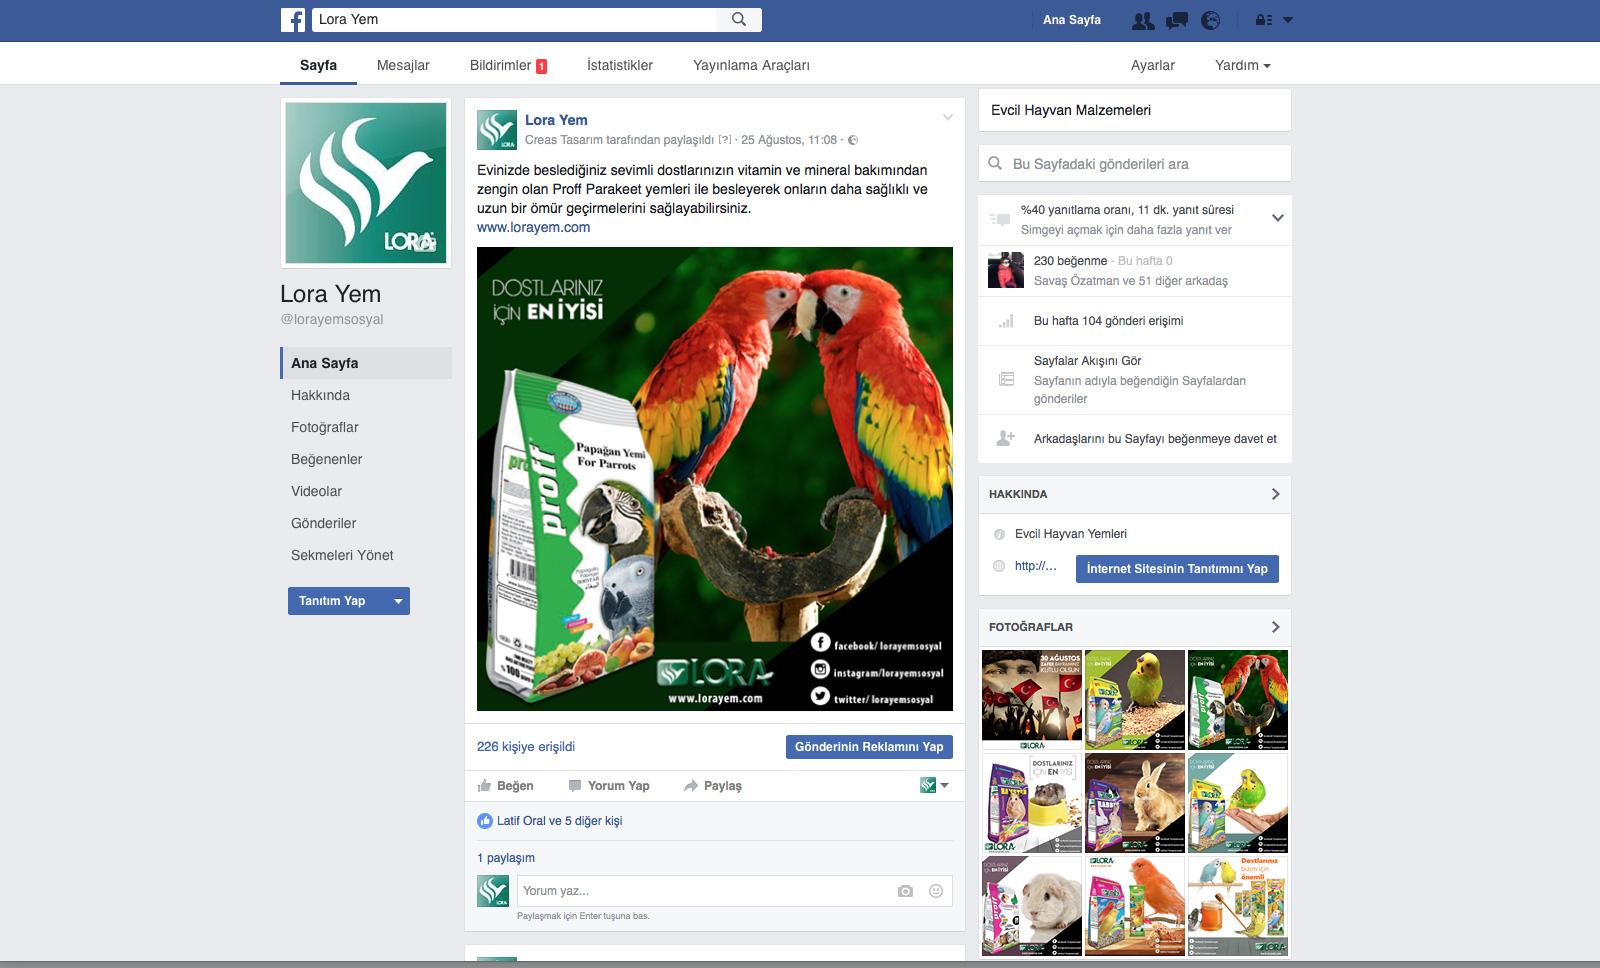 Creas Creative Tasarım ve Reklam Ajansı İzmir - Lora Yem Sosyal Medya Yönetimi